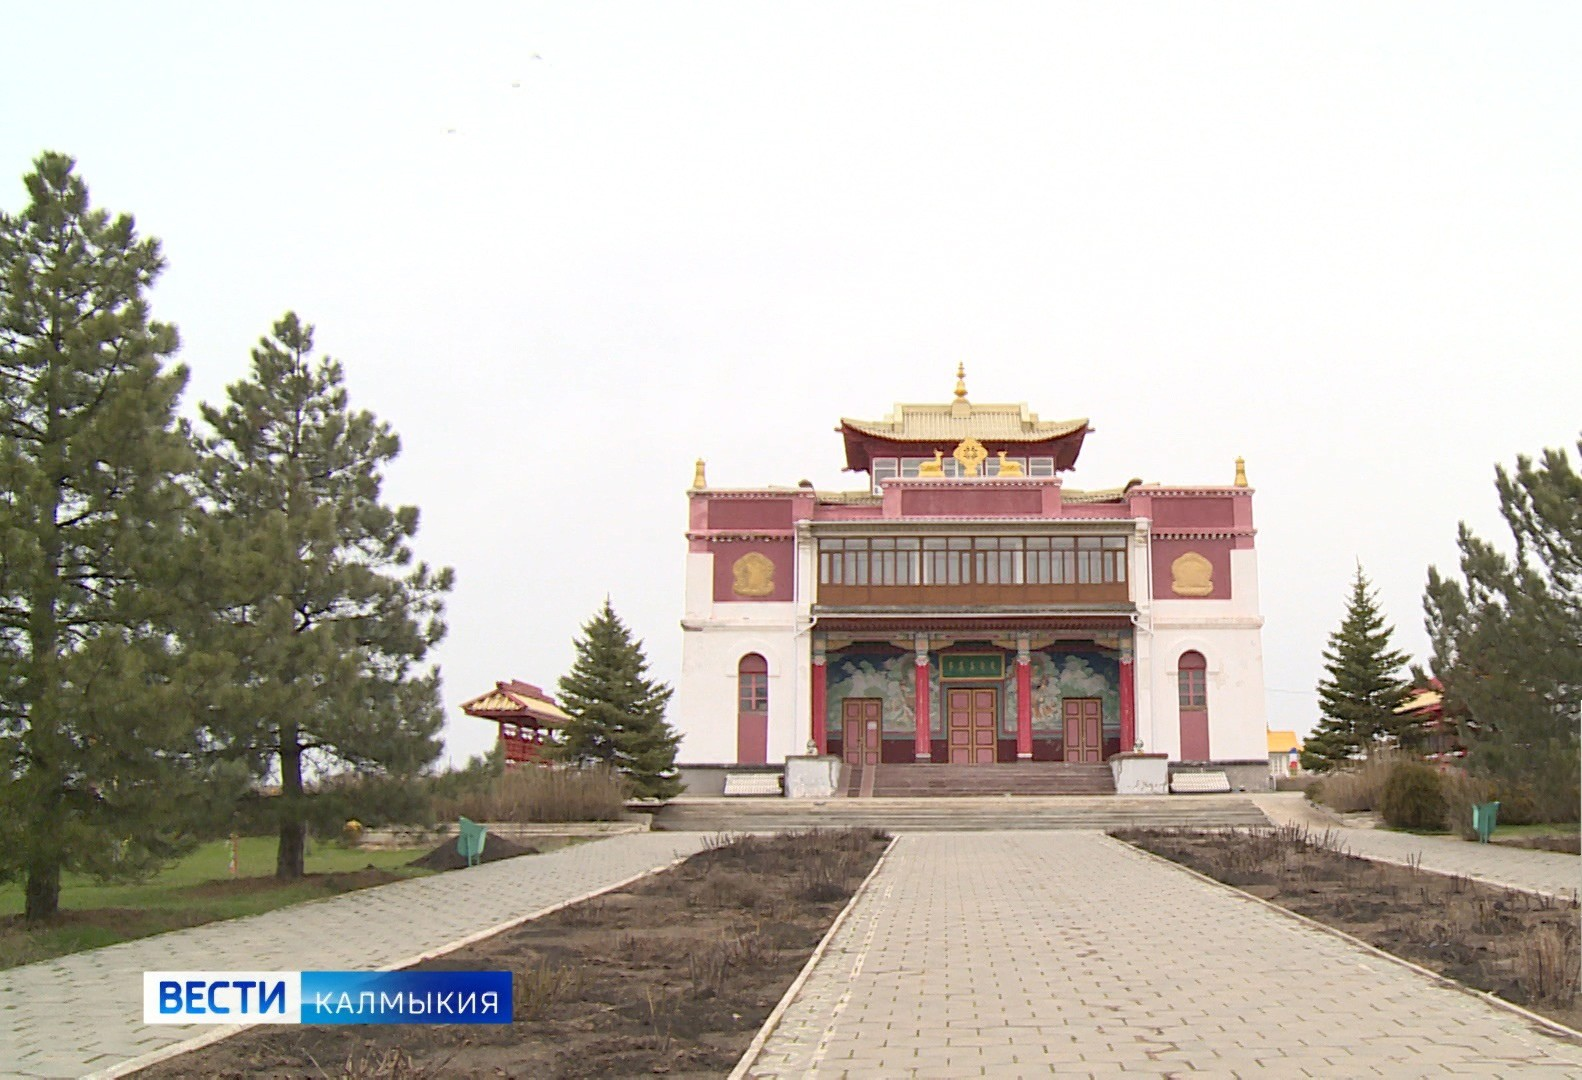 25 лет хурульному комплексу «Сякюсн-сюме»